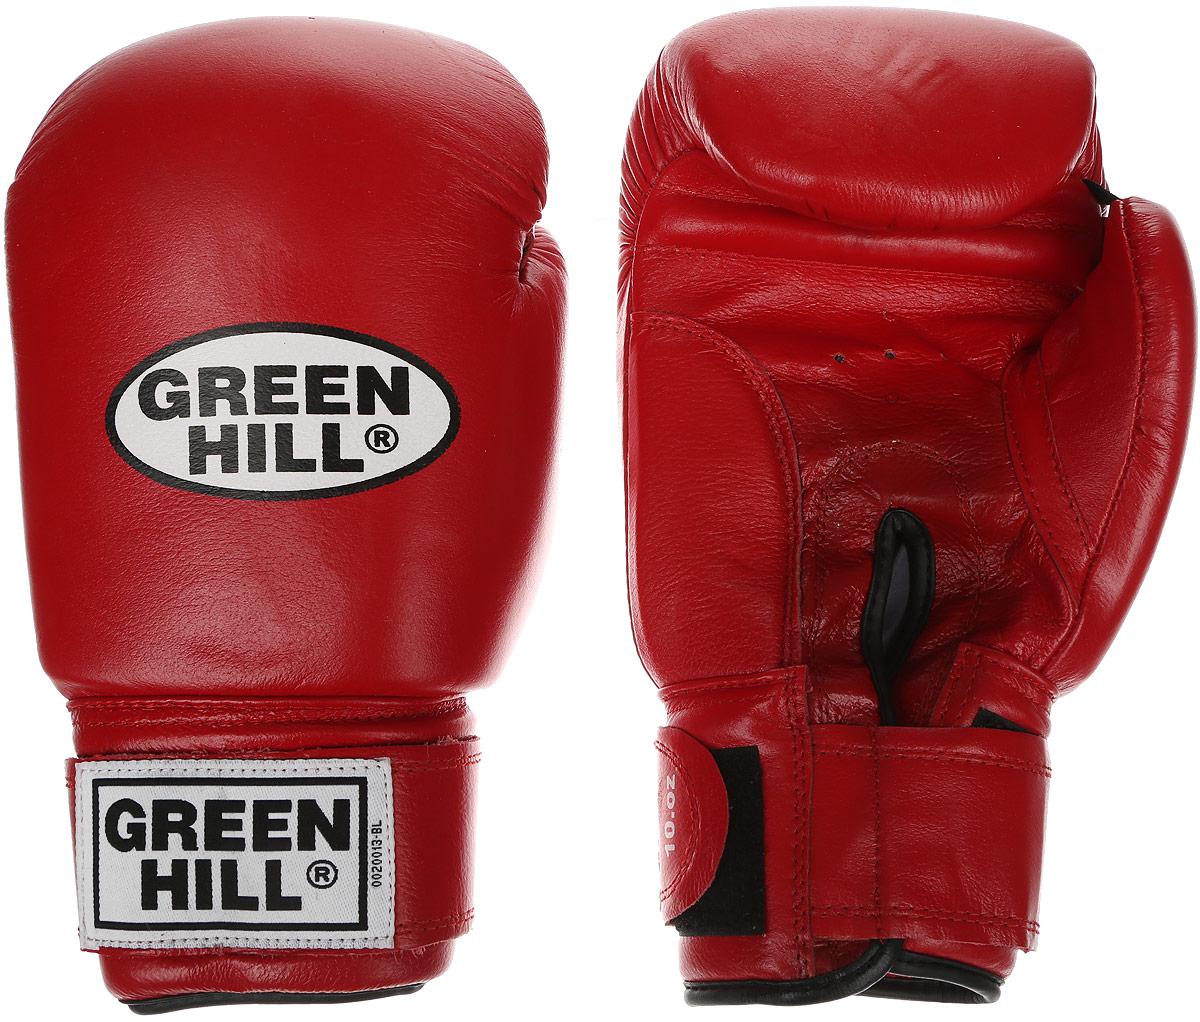 Перчатки боксерские Green Hill Super Star, цвет: красный, белый. Вес 10 унций. BGS-1213сBGS-1213сБоксерские перчатки Green Hill Super Star предназначены для использования профессионалами. Подойдут для спаррингов и соревнований. Верх выполнен из натуральной кожи, наполнитель - из вспененного полимера. Отверстие в области ладони позволяет создать максимально комфортный терморежим во время занятий. Манжет на липучке способствует быстрому и удобному надеванию перчаток, плотно фиксирует перчатки на руке.